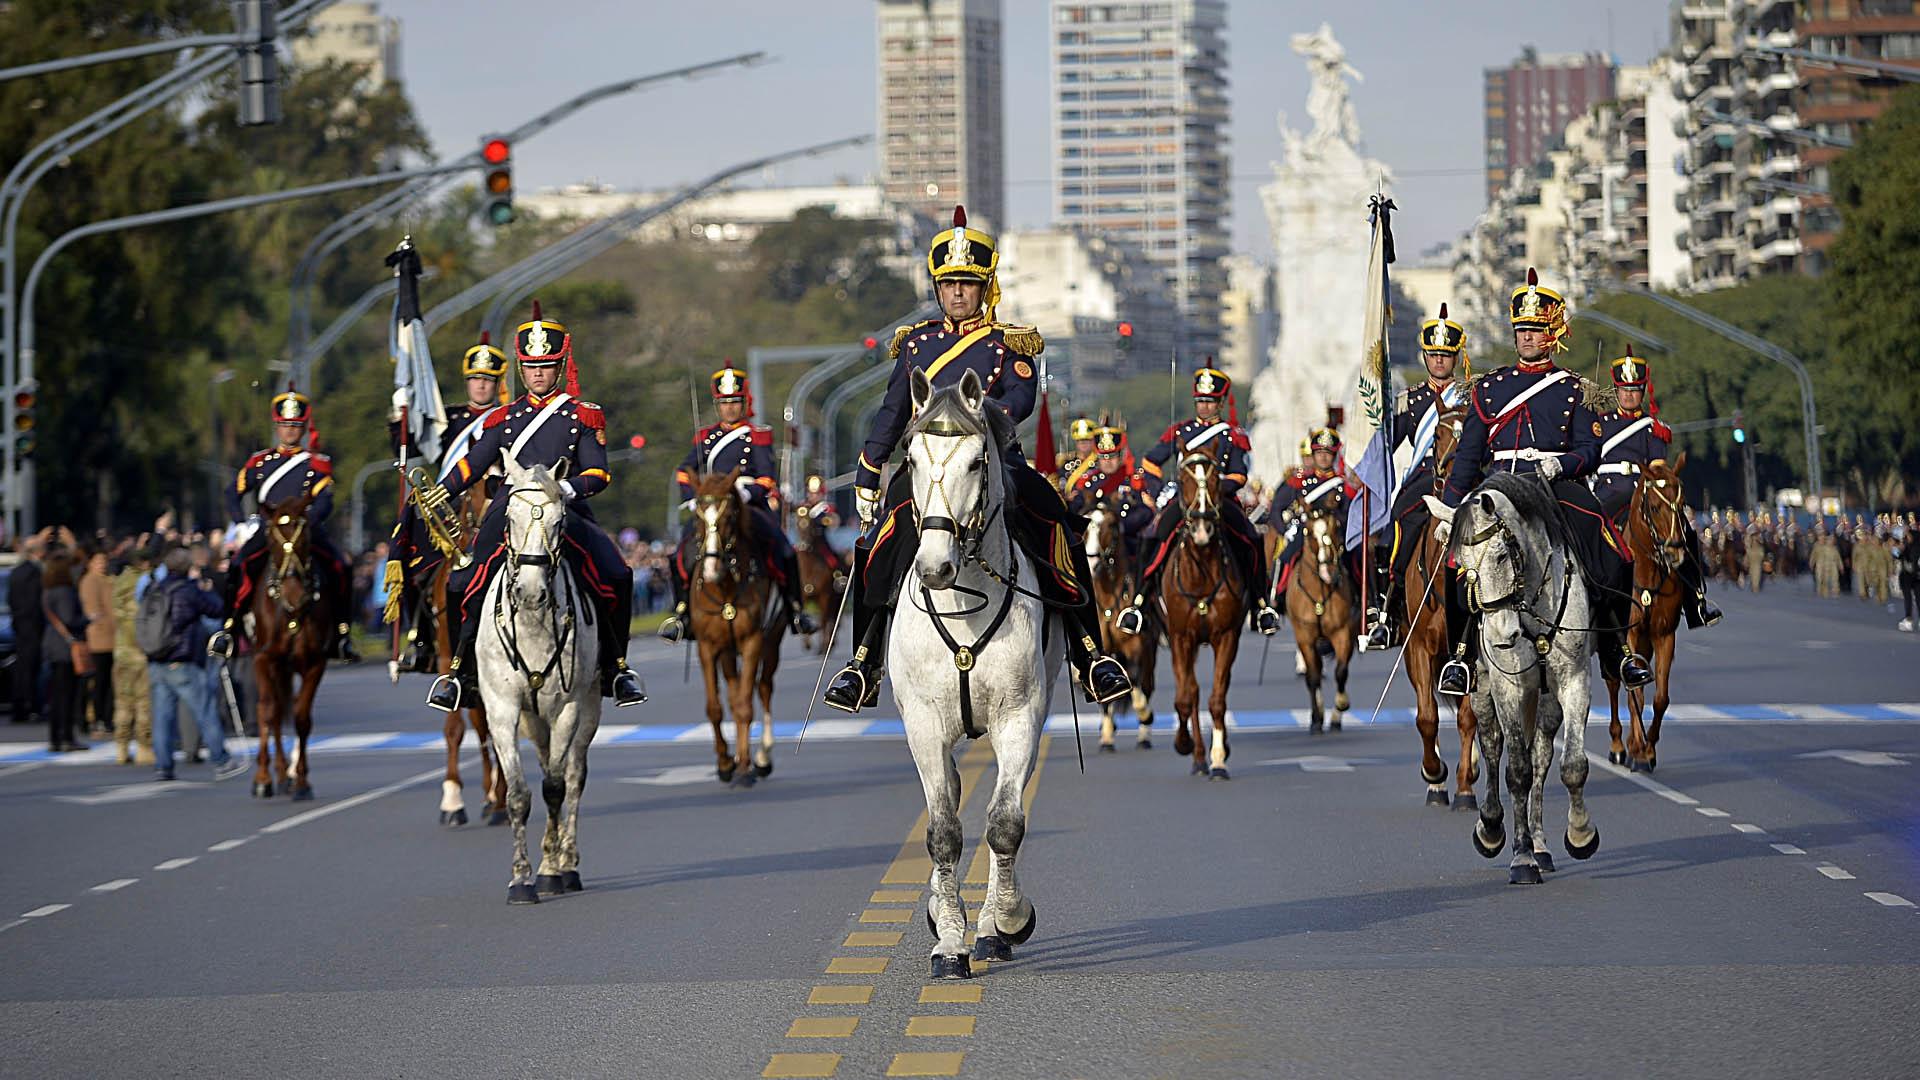 Regimiento de Granaderos a Caballo General San Martín